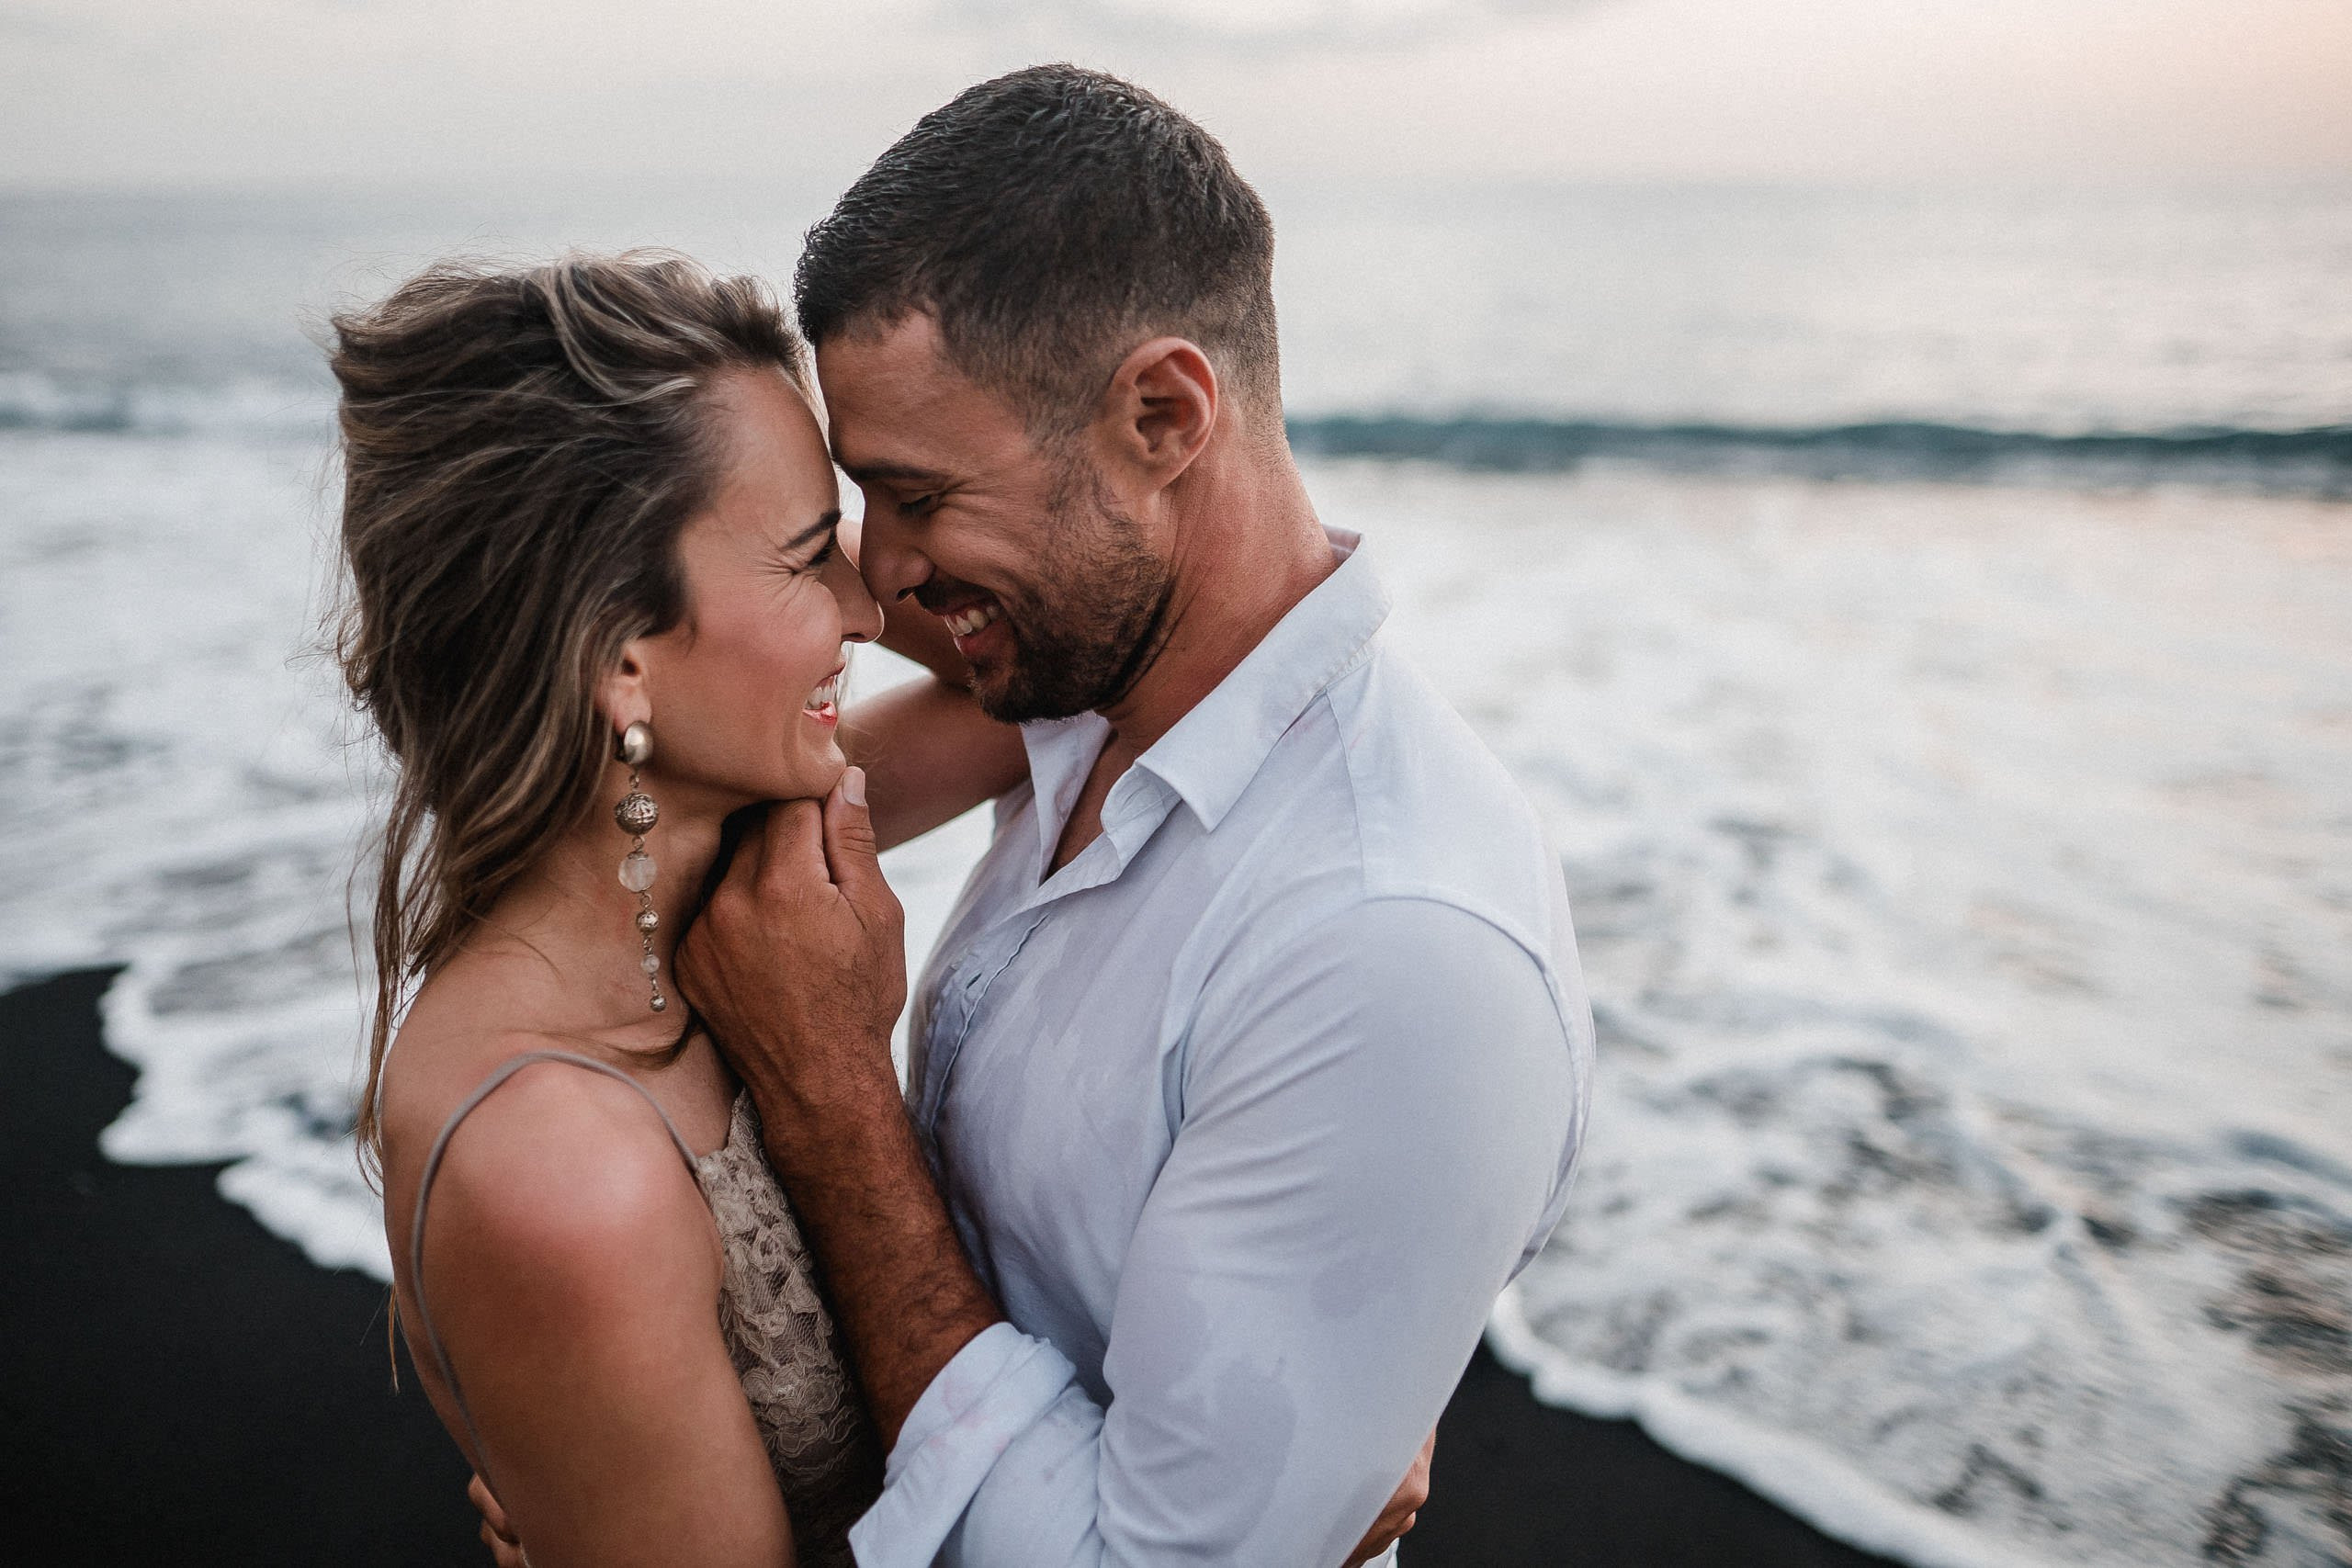 Aida + Tim | Hochzeitsfotografen am Bodensee Elopement - La Palma, Spanien